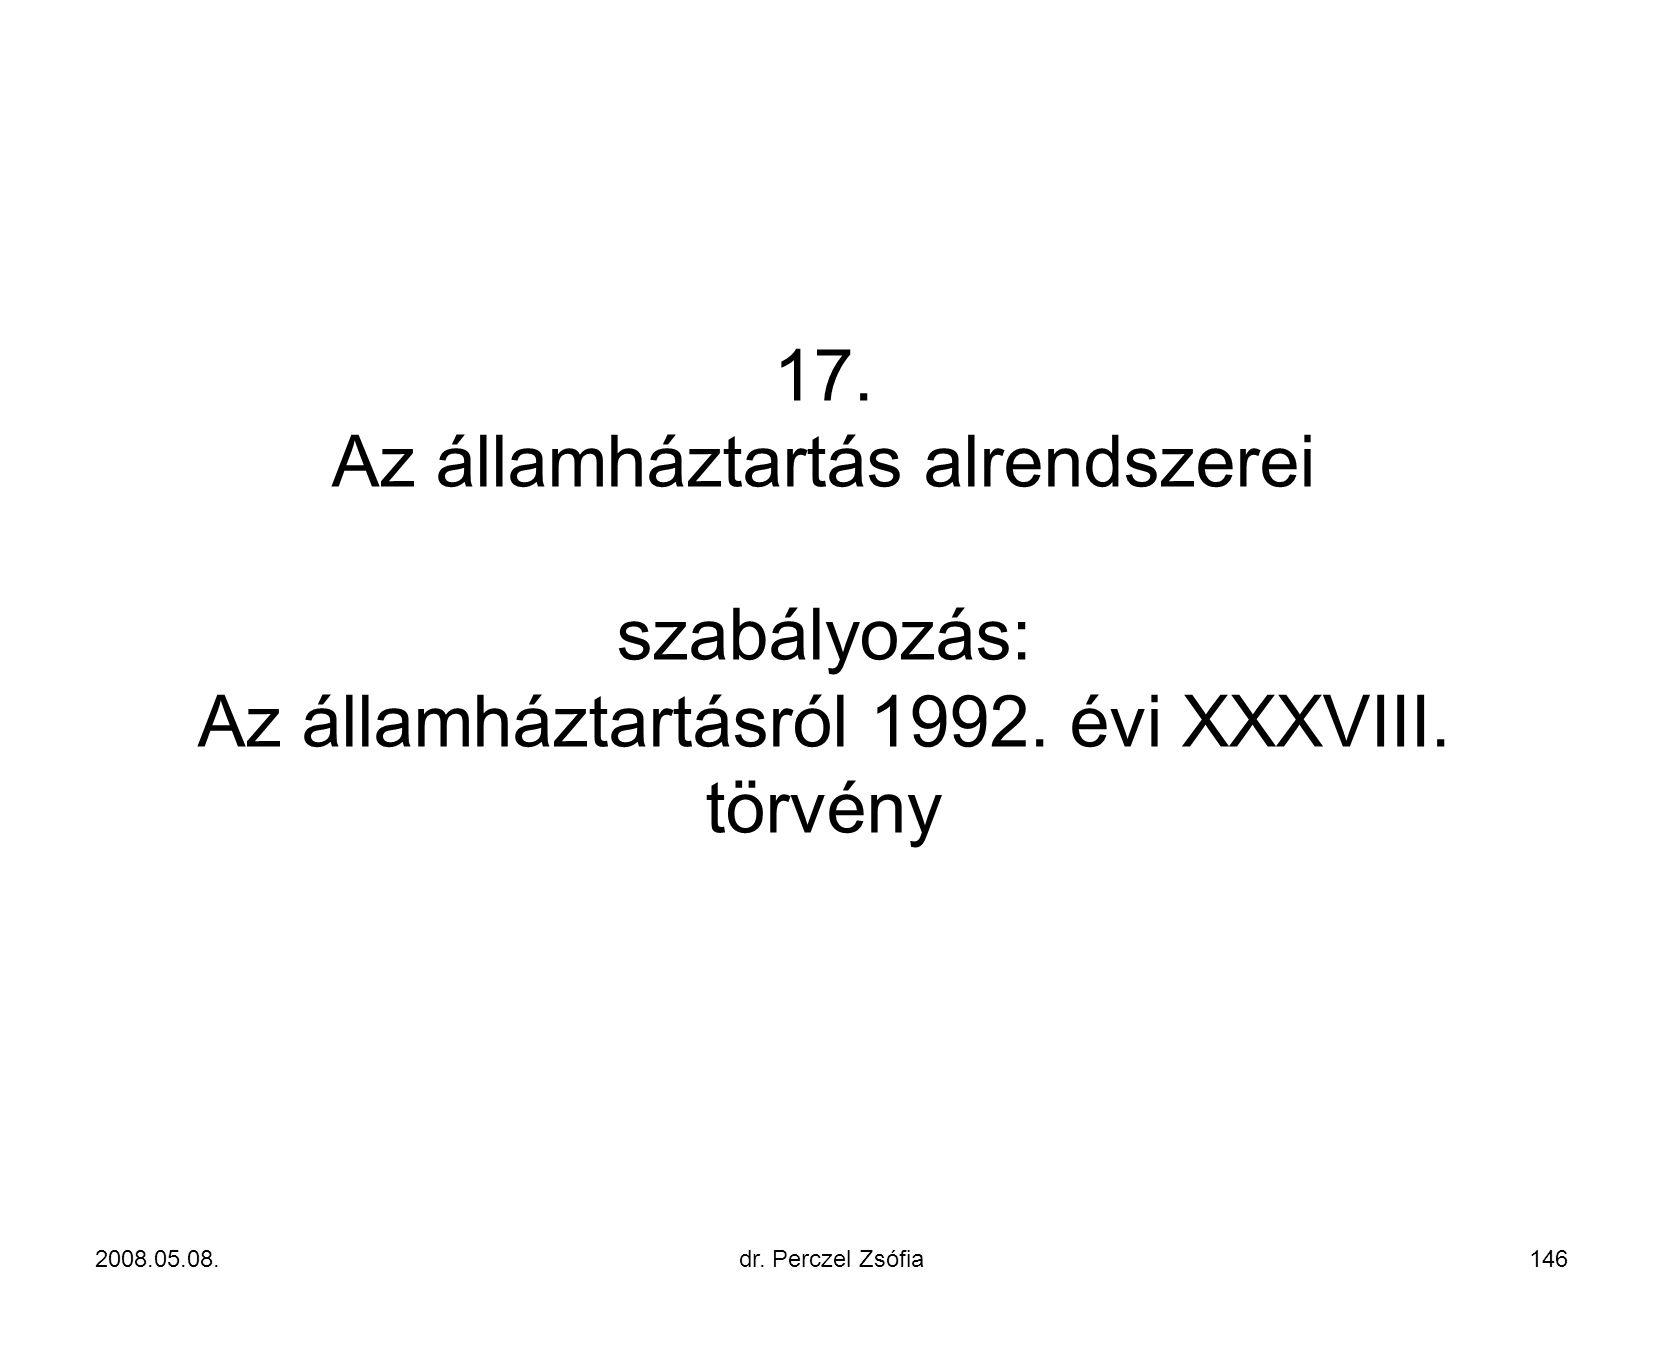 17. Az államháztartás alrendszerei szabályozás: Az államháztartásról 1992. évi XXXVIII. törvény